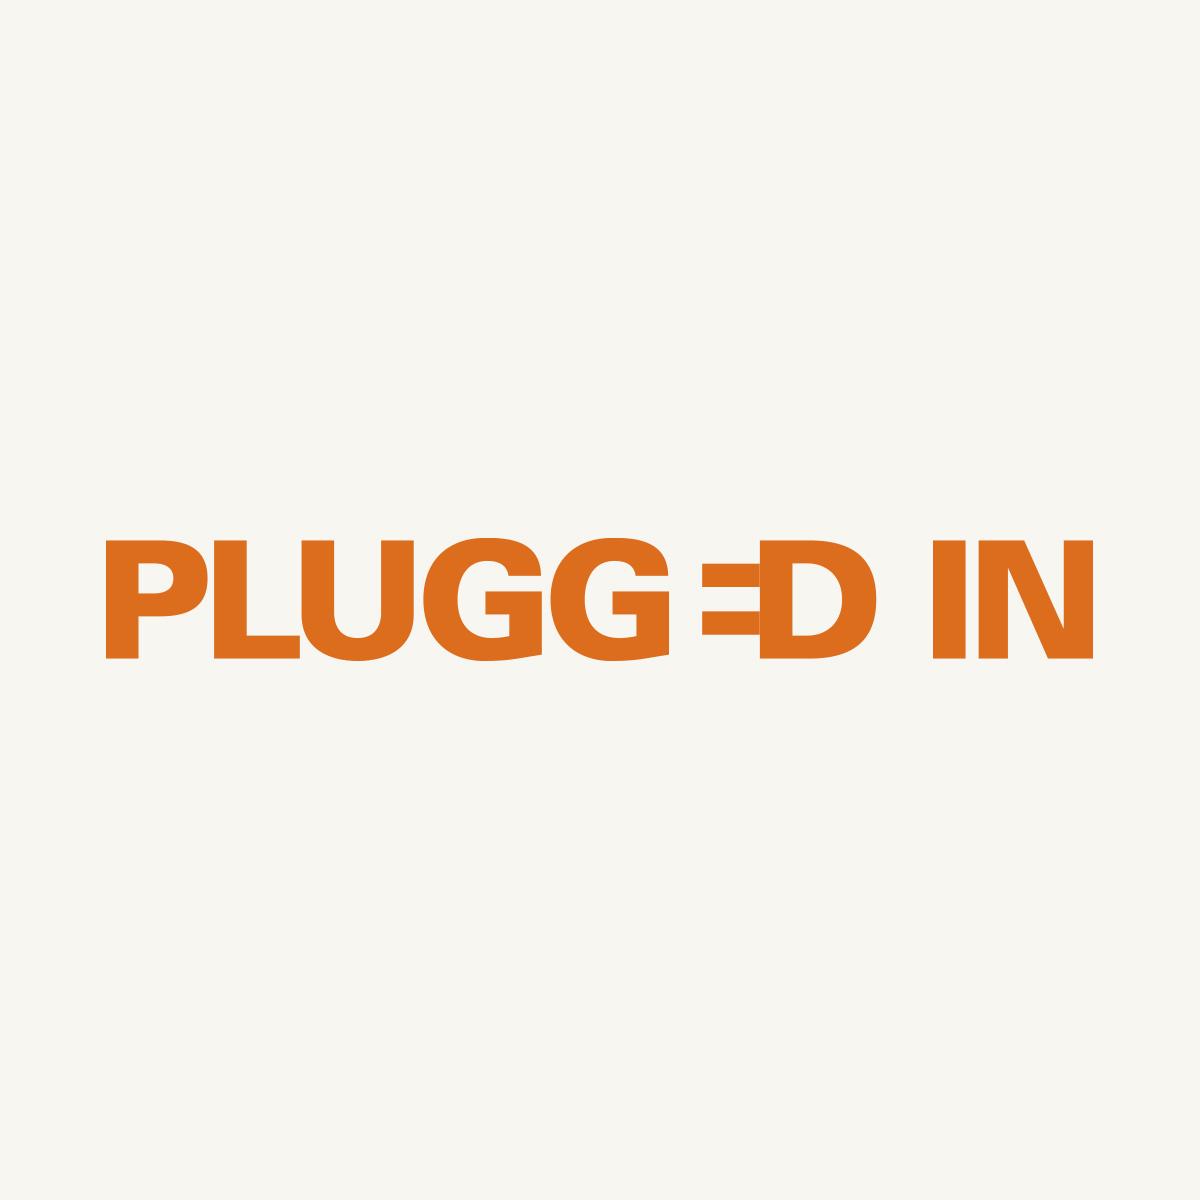 Plugged_In.jpg